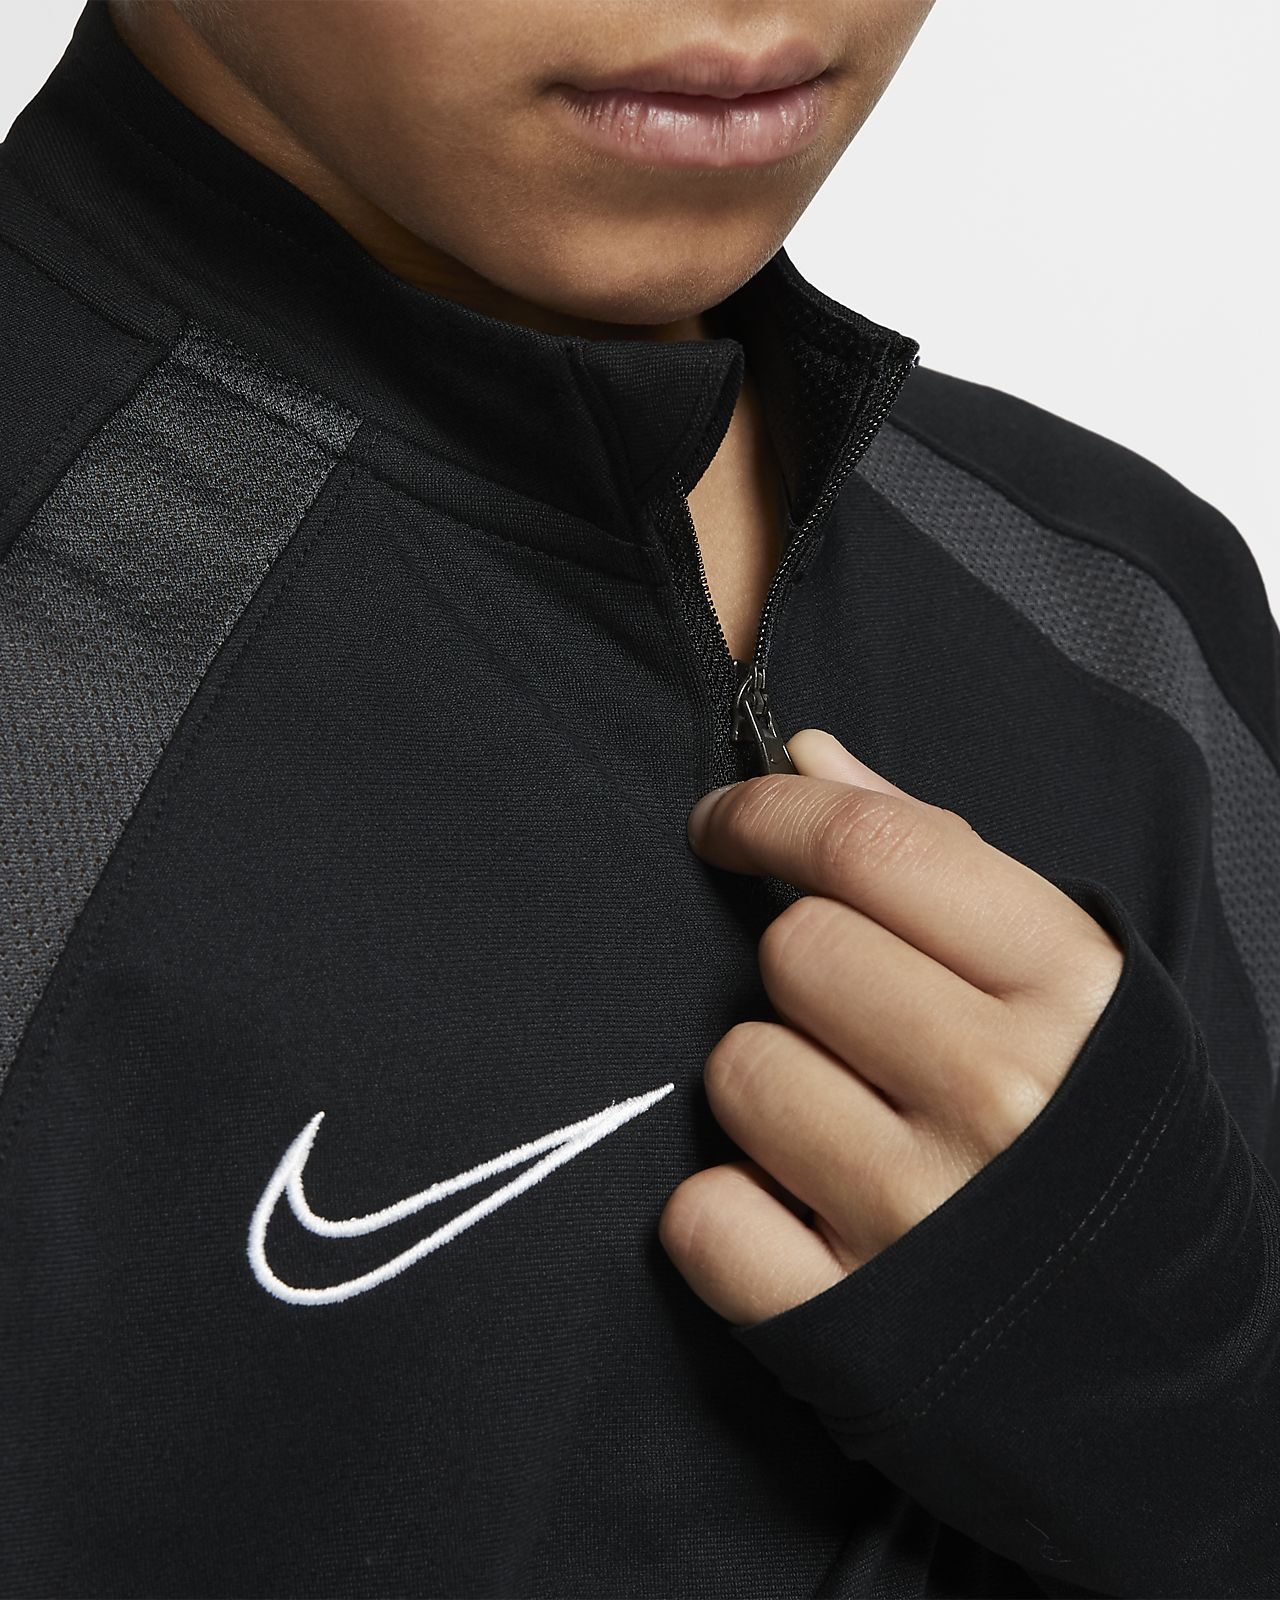 7f03b25b79 Nike Dri-FIT Academy Older Kids' Football Drill Top